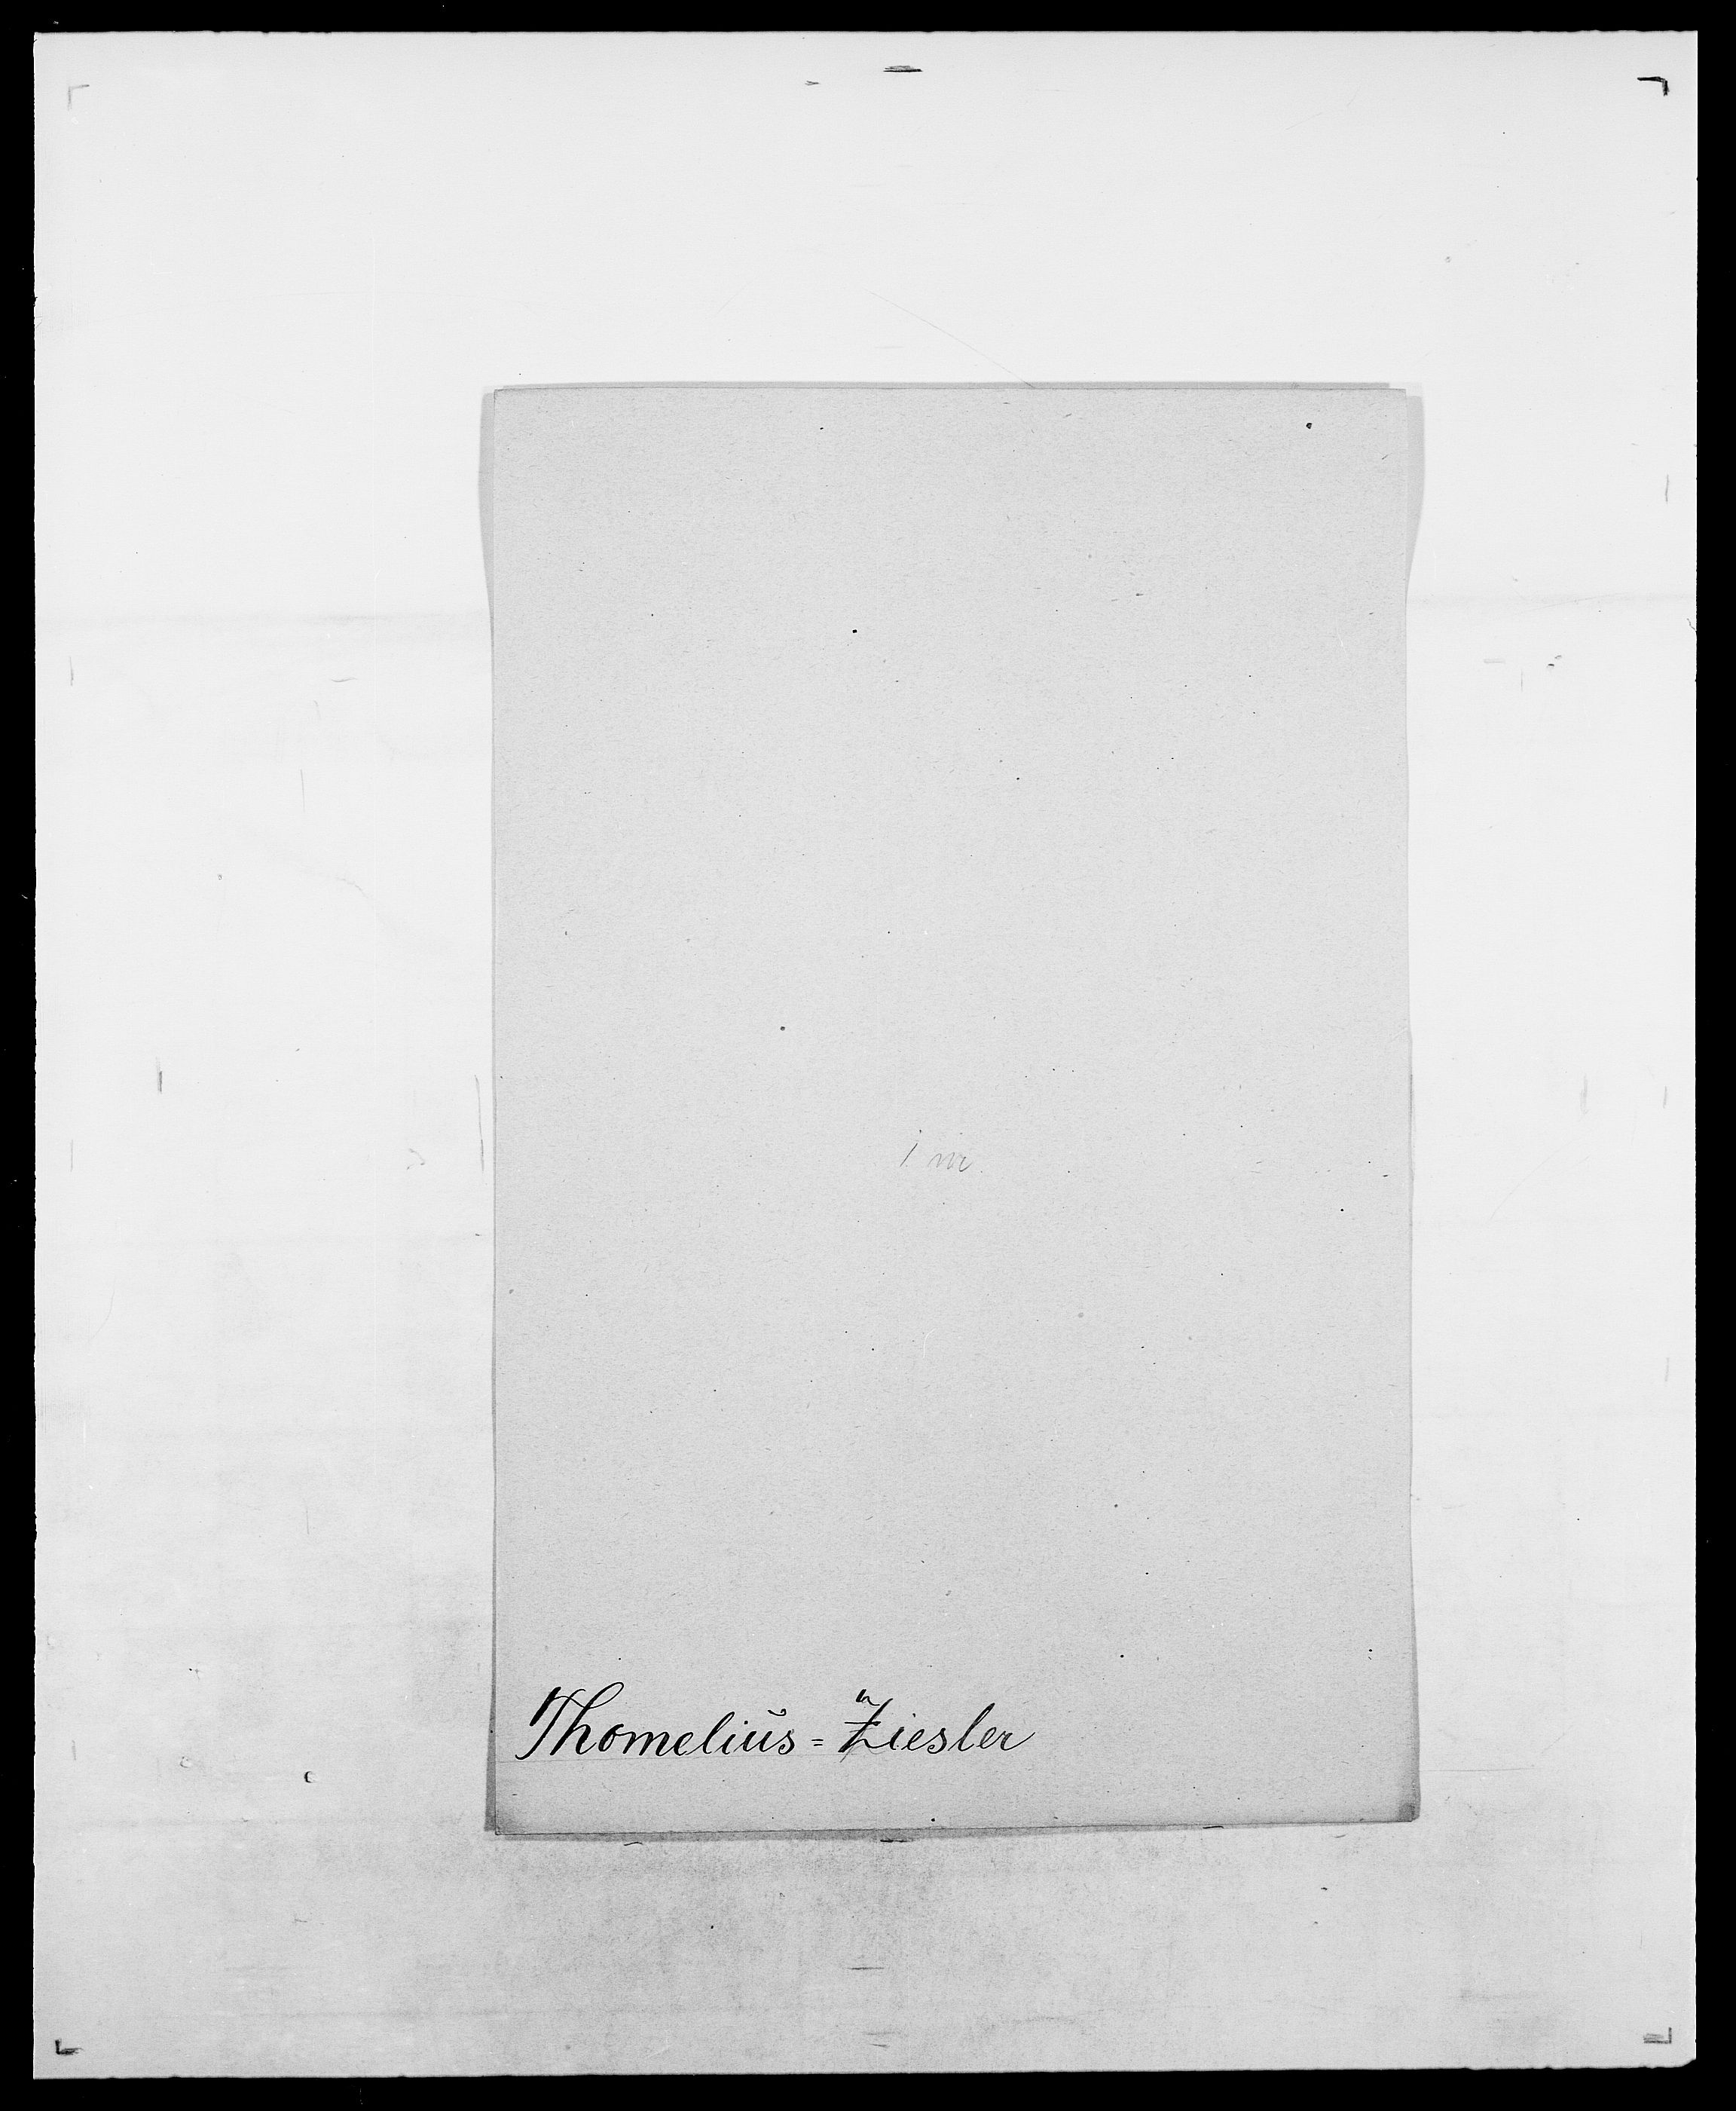 SAO, Delgobe, Charles Antoine - samling, D/Da/L0038: Svanenskjold - Thornsohn, s. 794